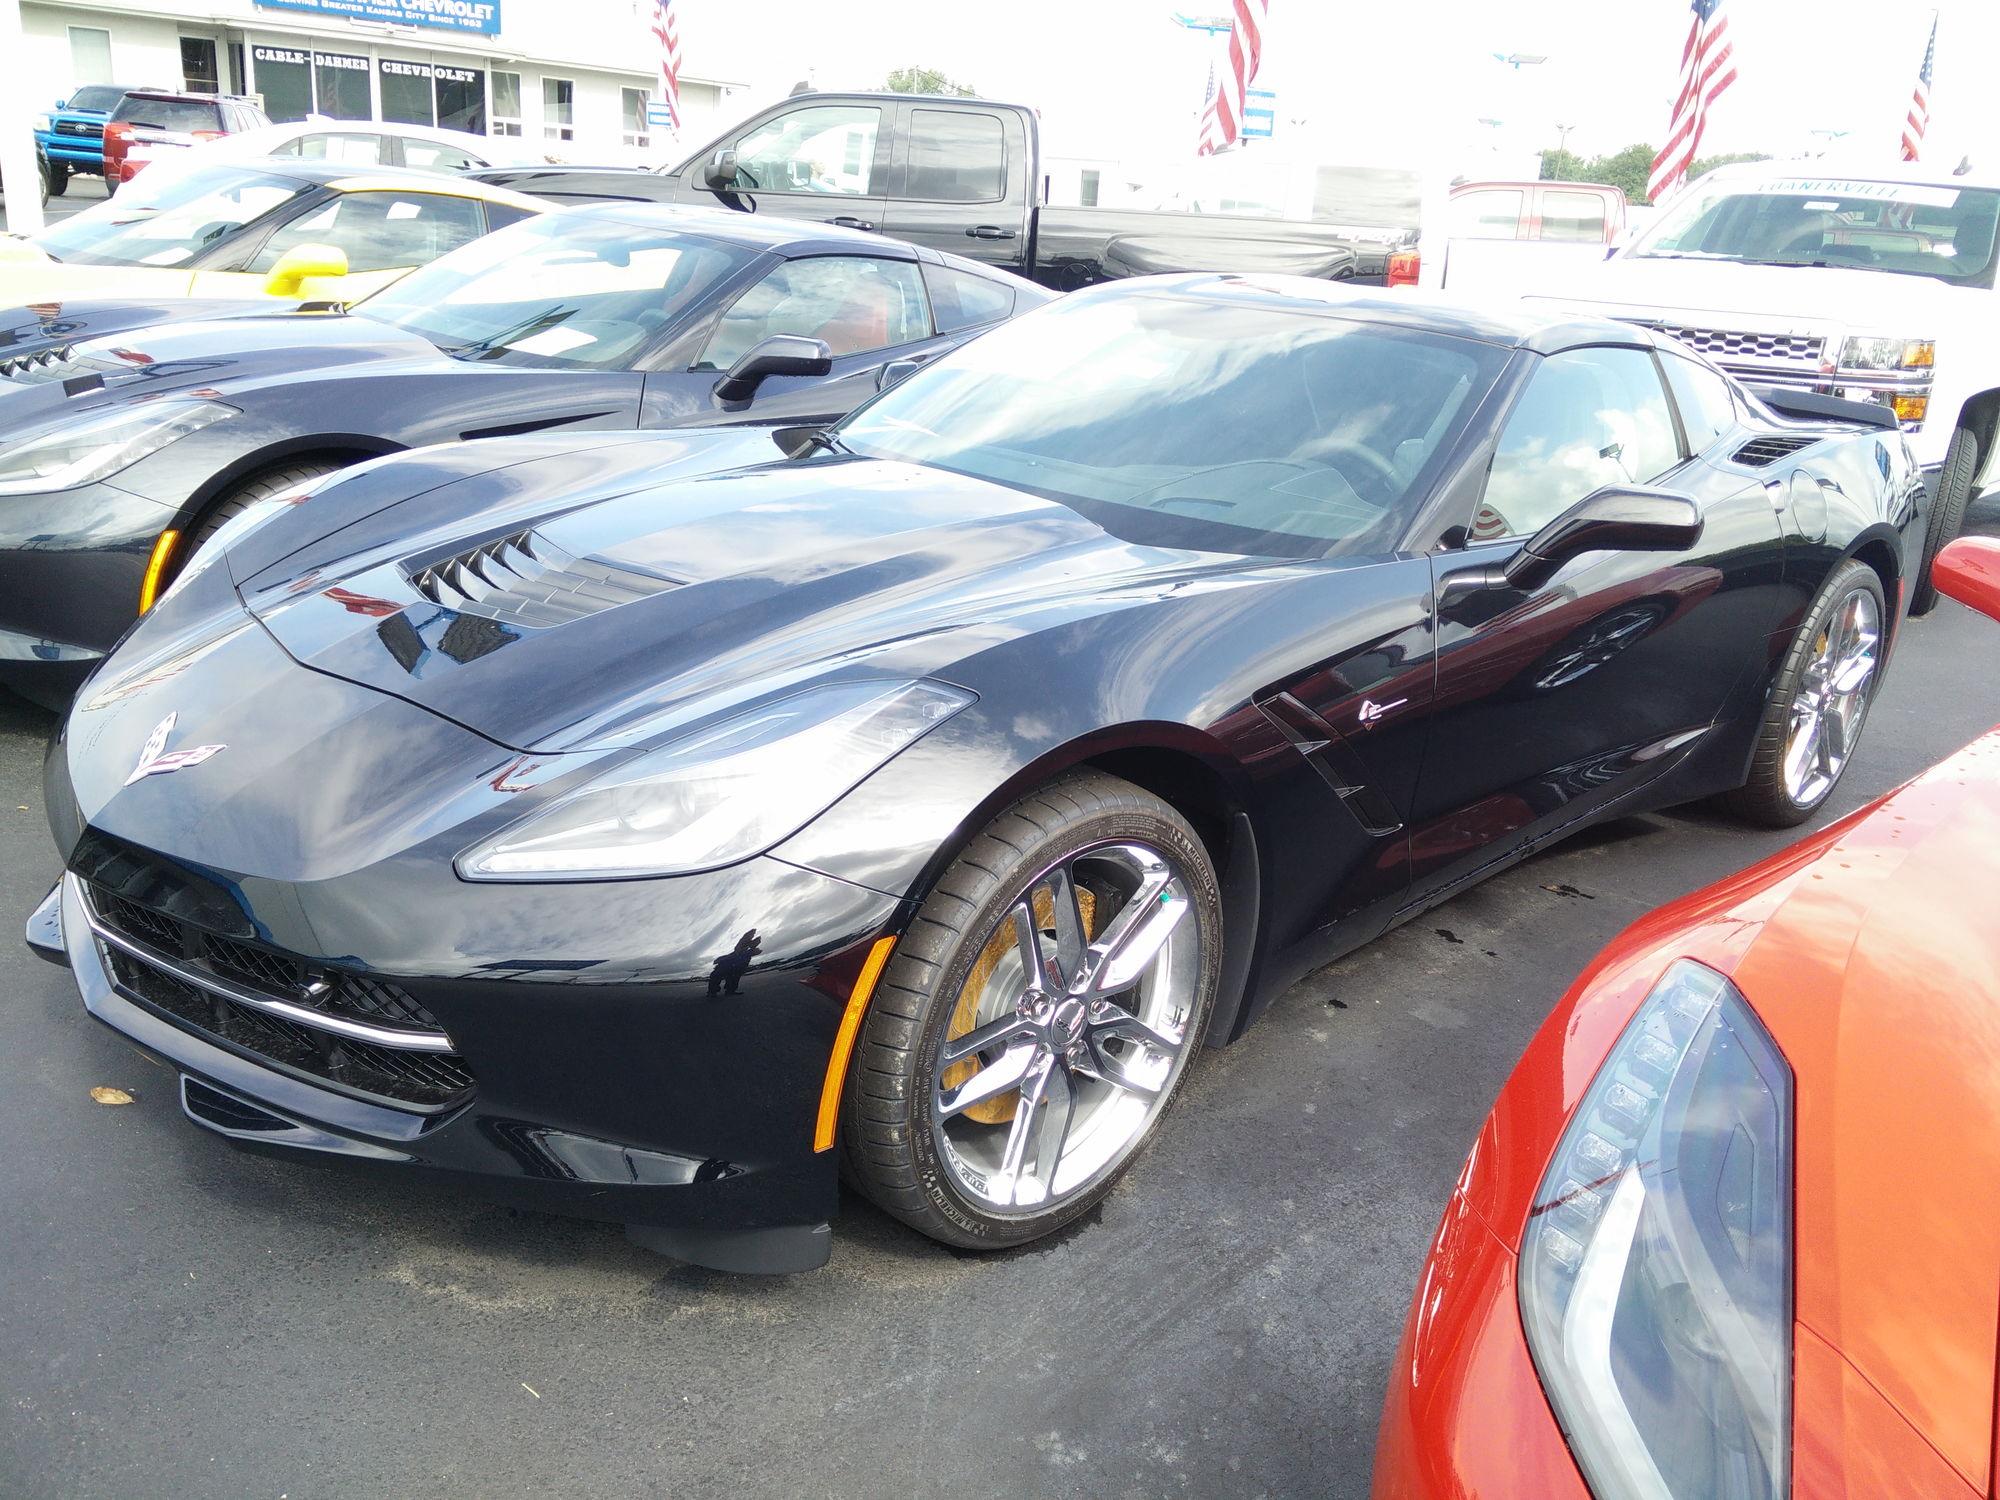 2016 corvette coupe stock 89130 msrp 69 740 00 sale 65 740 00 trim level 2lt w z51 engine 6 2 liter lt1 transmission 7 speed manual